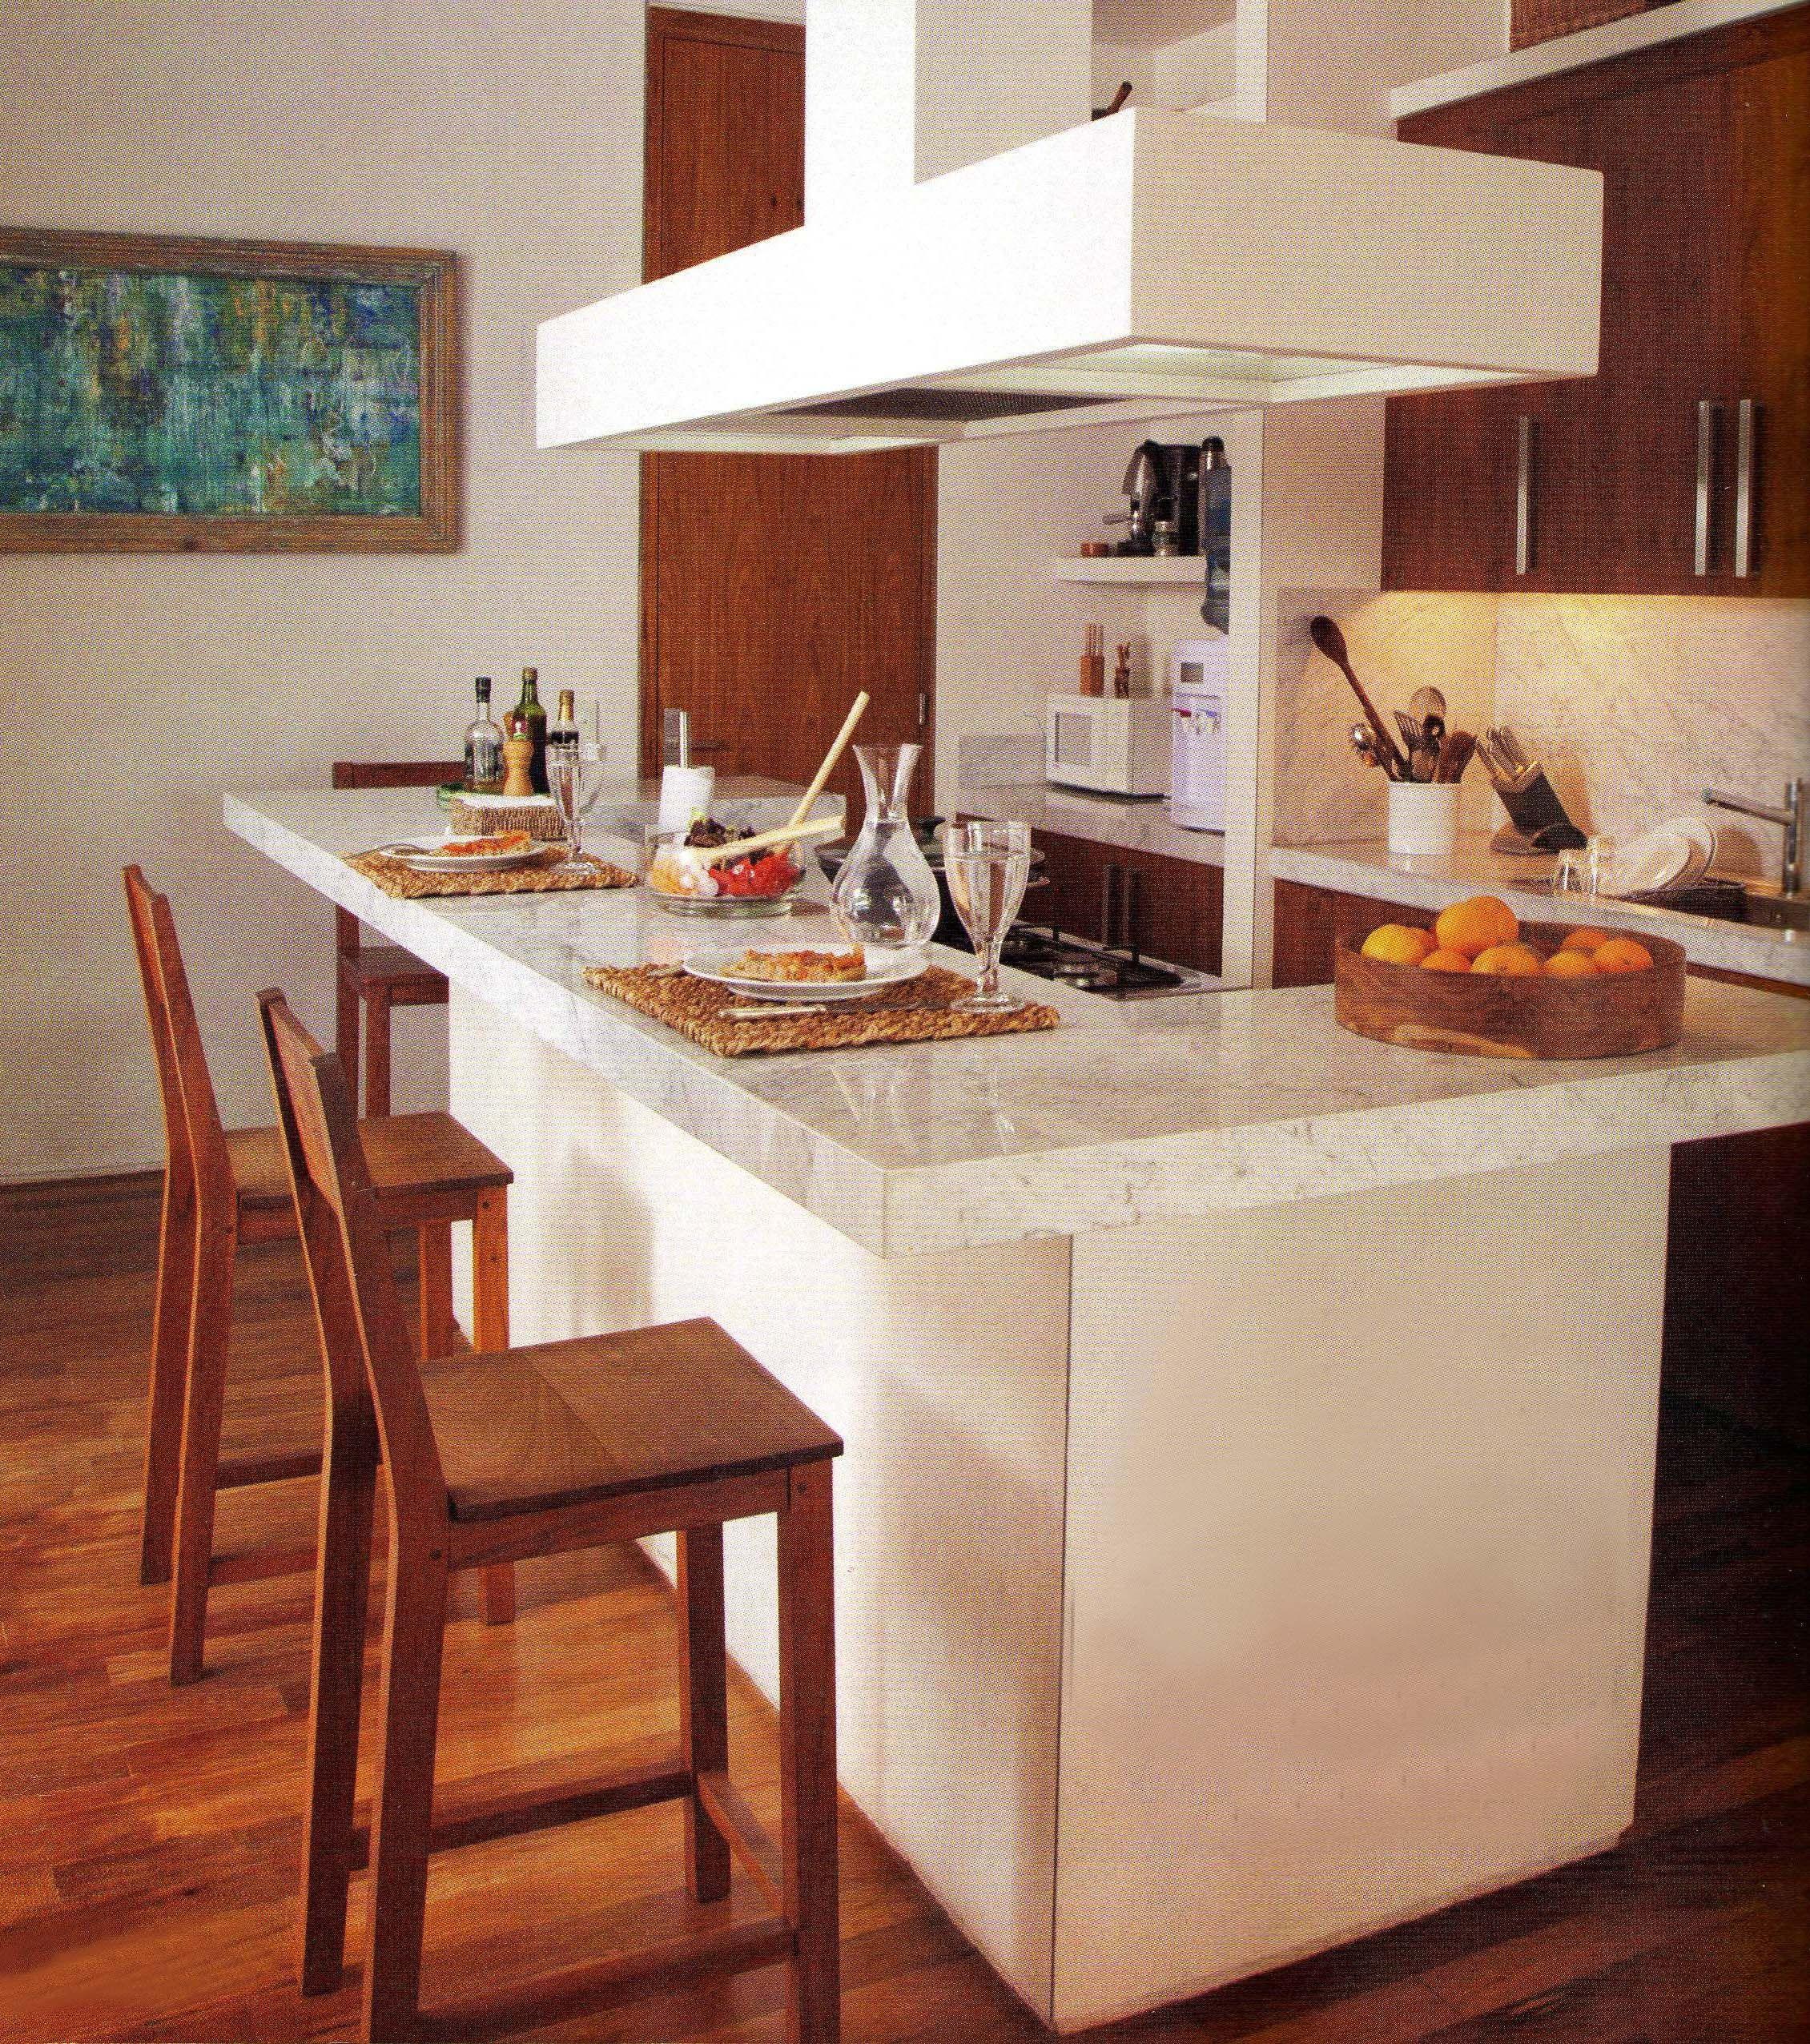 Barra de cocina barras de cocinas y bares pinterest ideas para kitchens and interiors - Cocina para bar ...